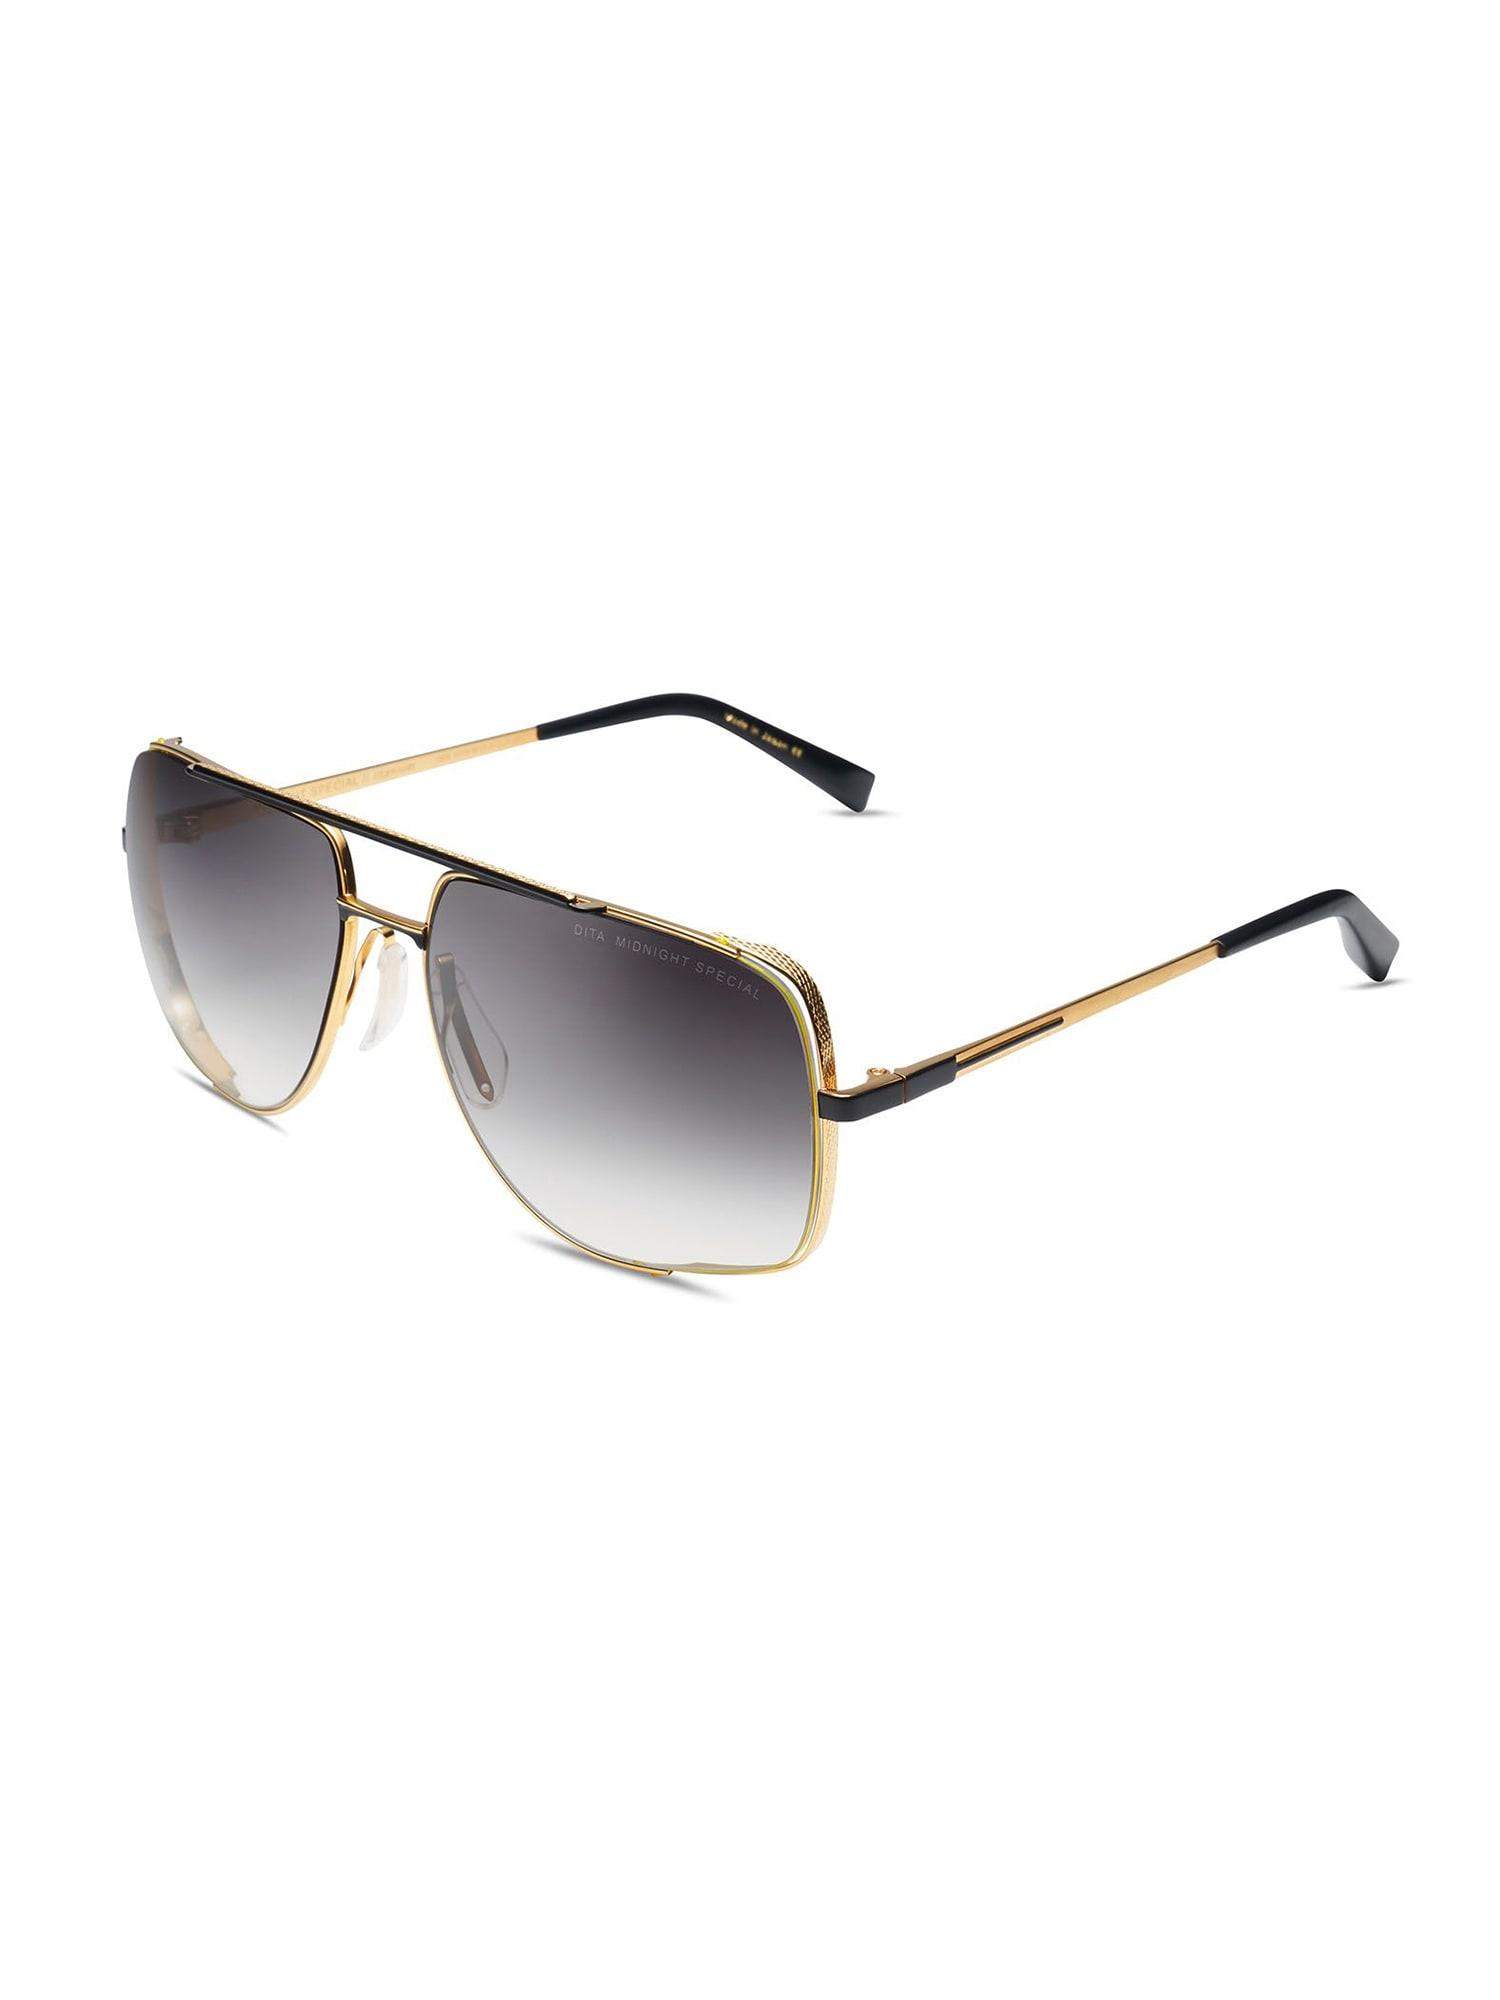 DRX/2010/M/BLK/GLD/60 MIDNIGHT Sunglasses